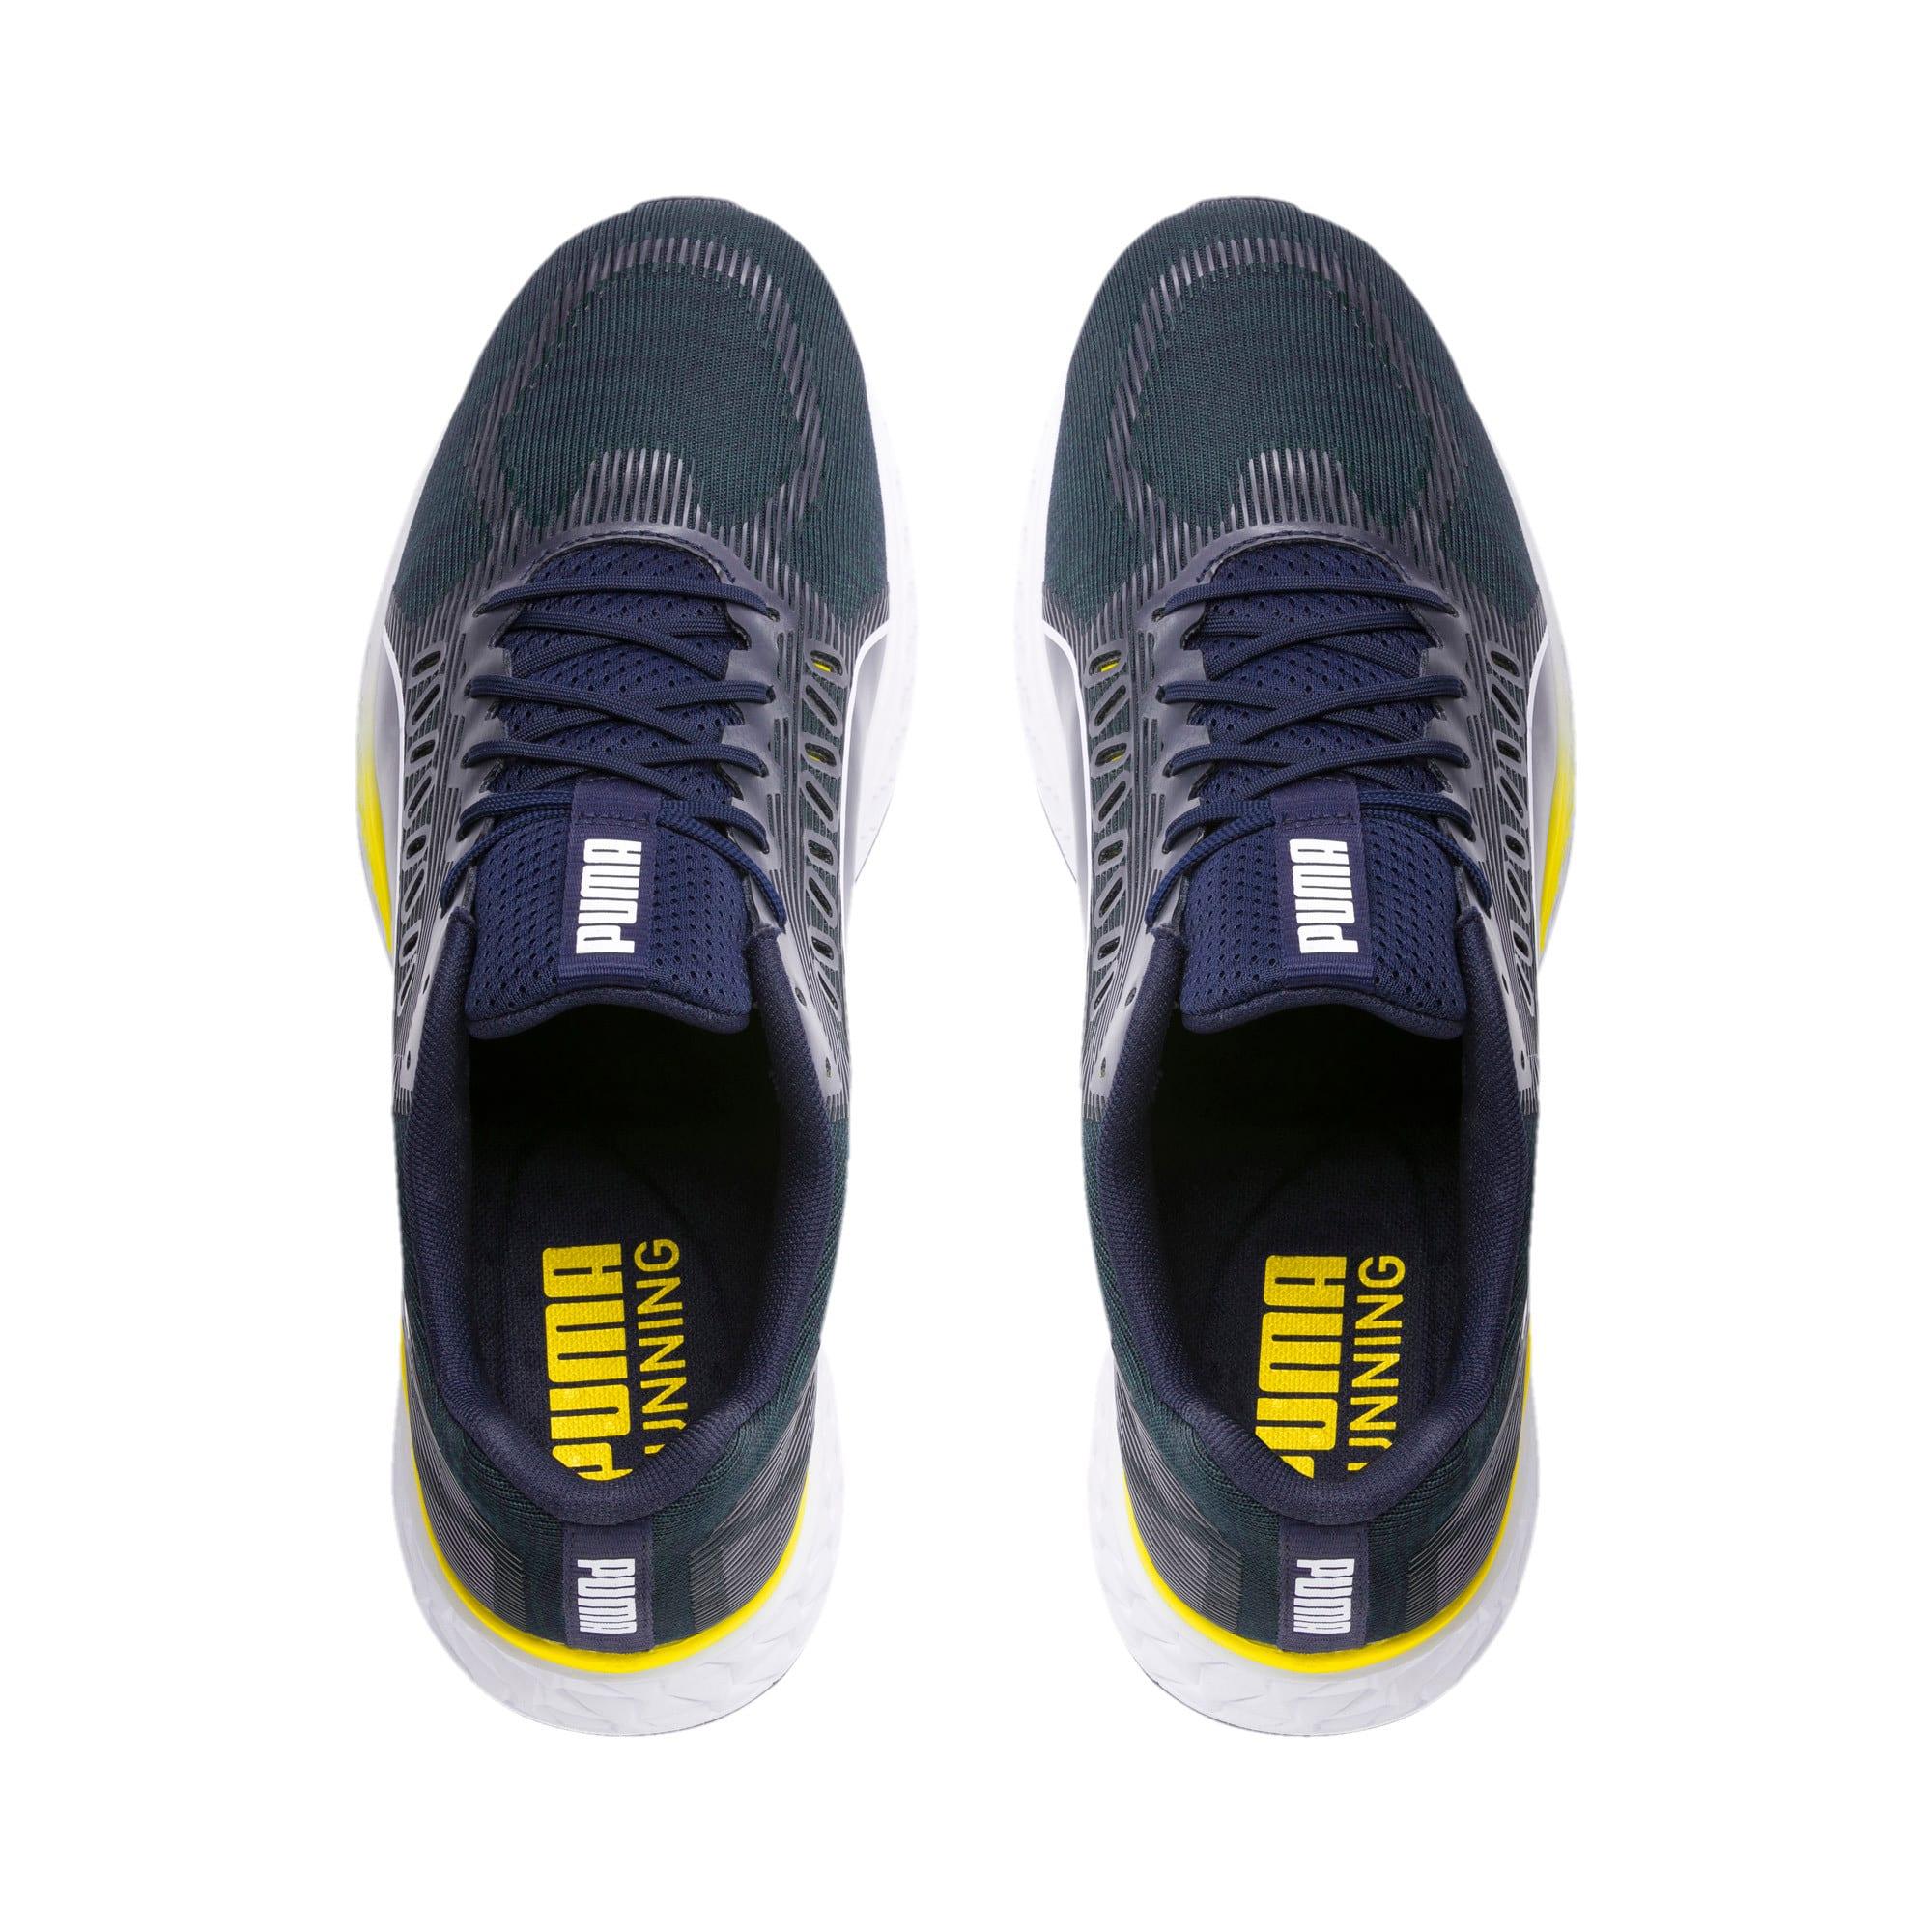 Thumbnail 6 of SPEED SUTAMINA Running Shoes, Peacoat-Blazing Yellow-White, medium